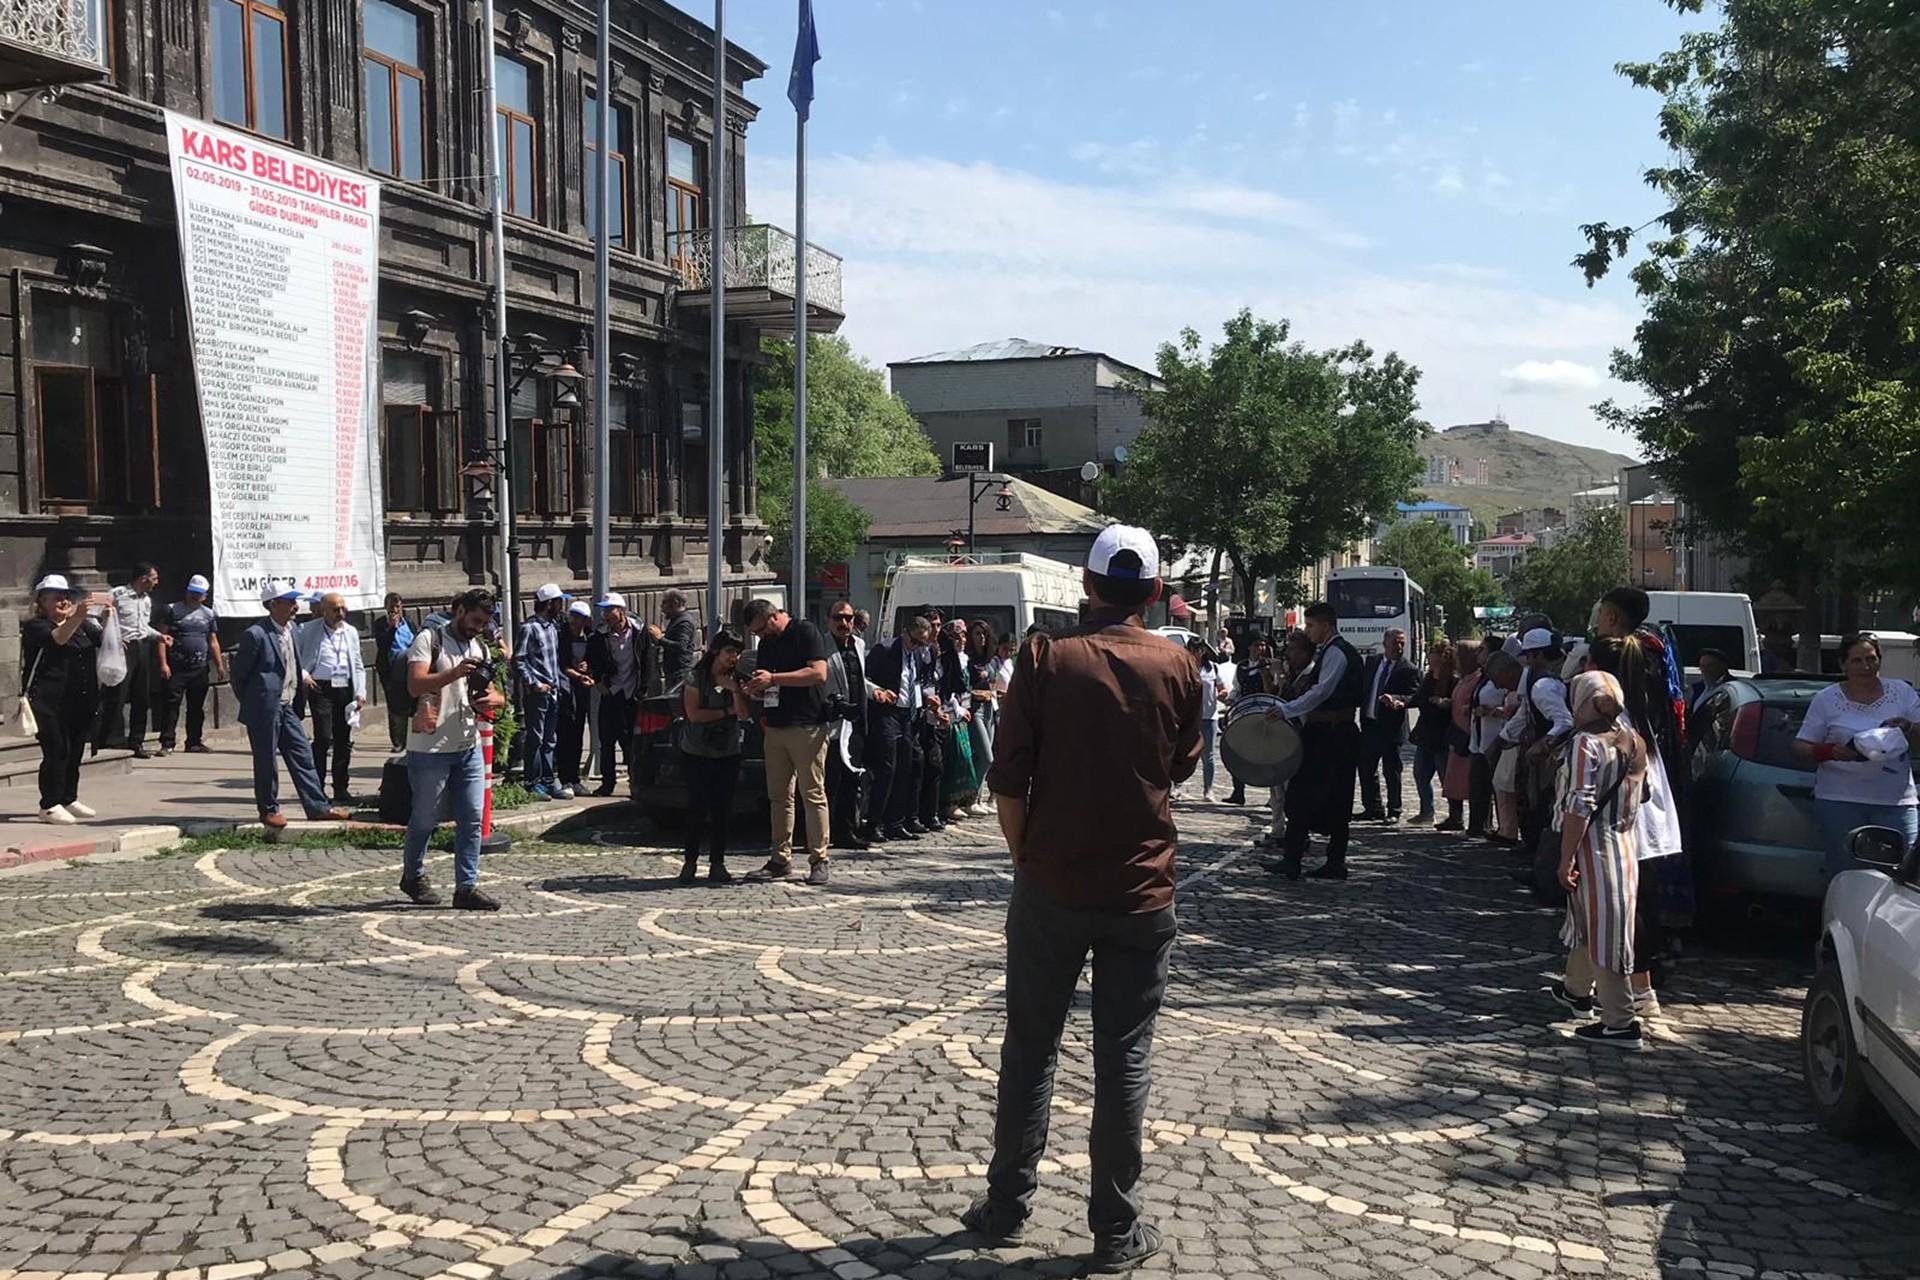 Kars'ta, Serhat Doğa ve Kültür Festivali başladı